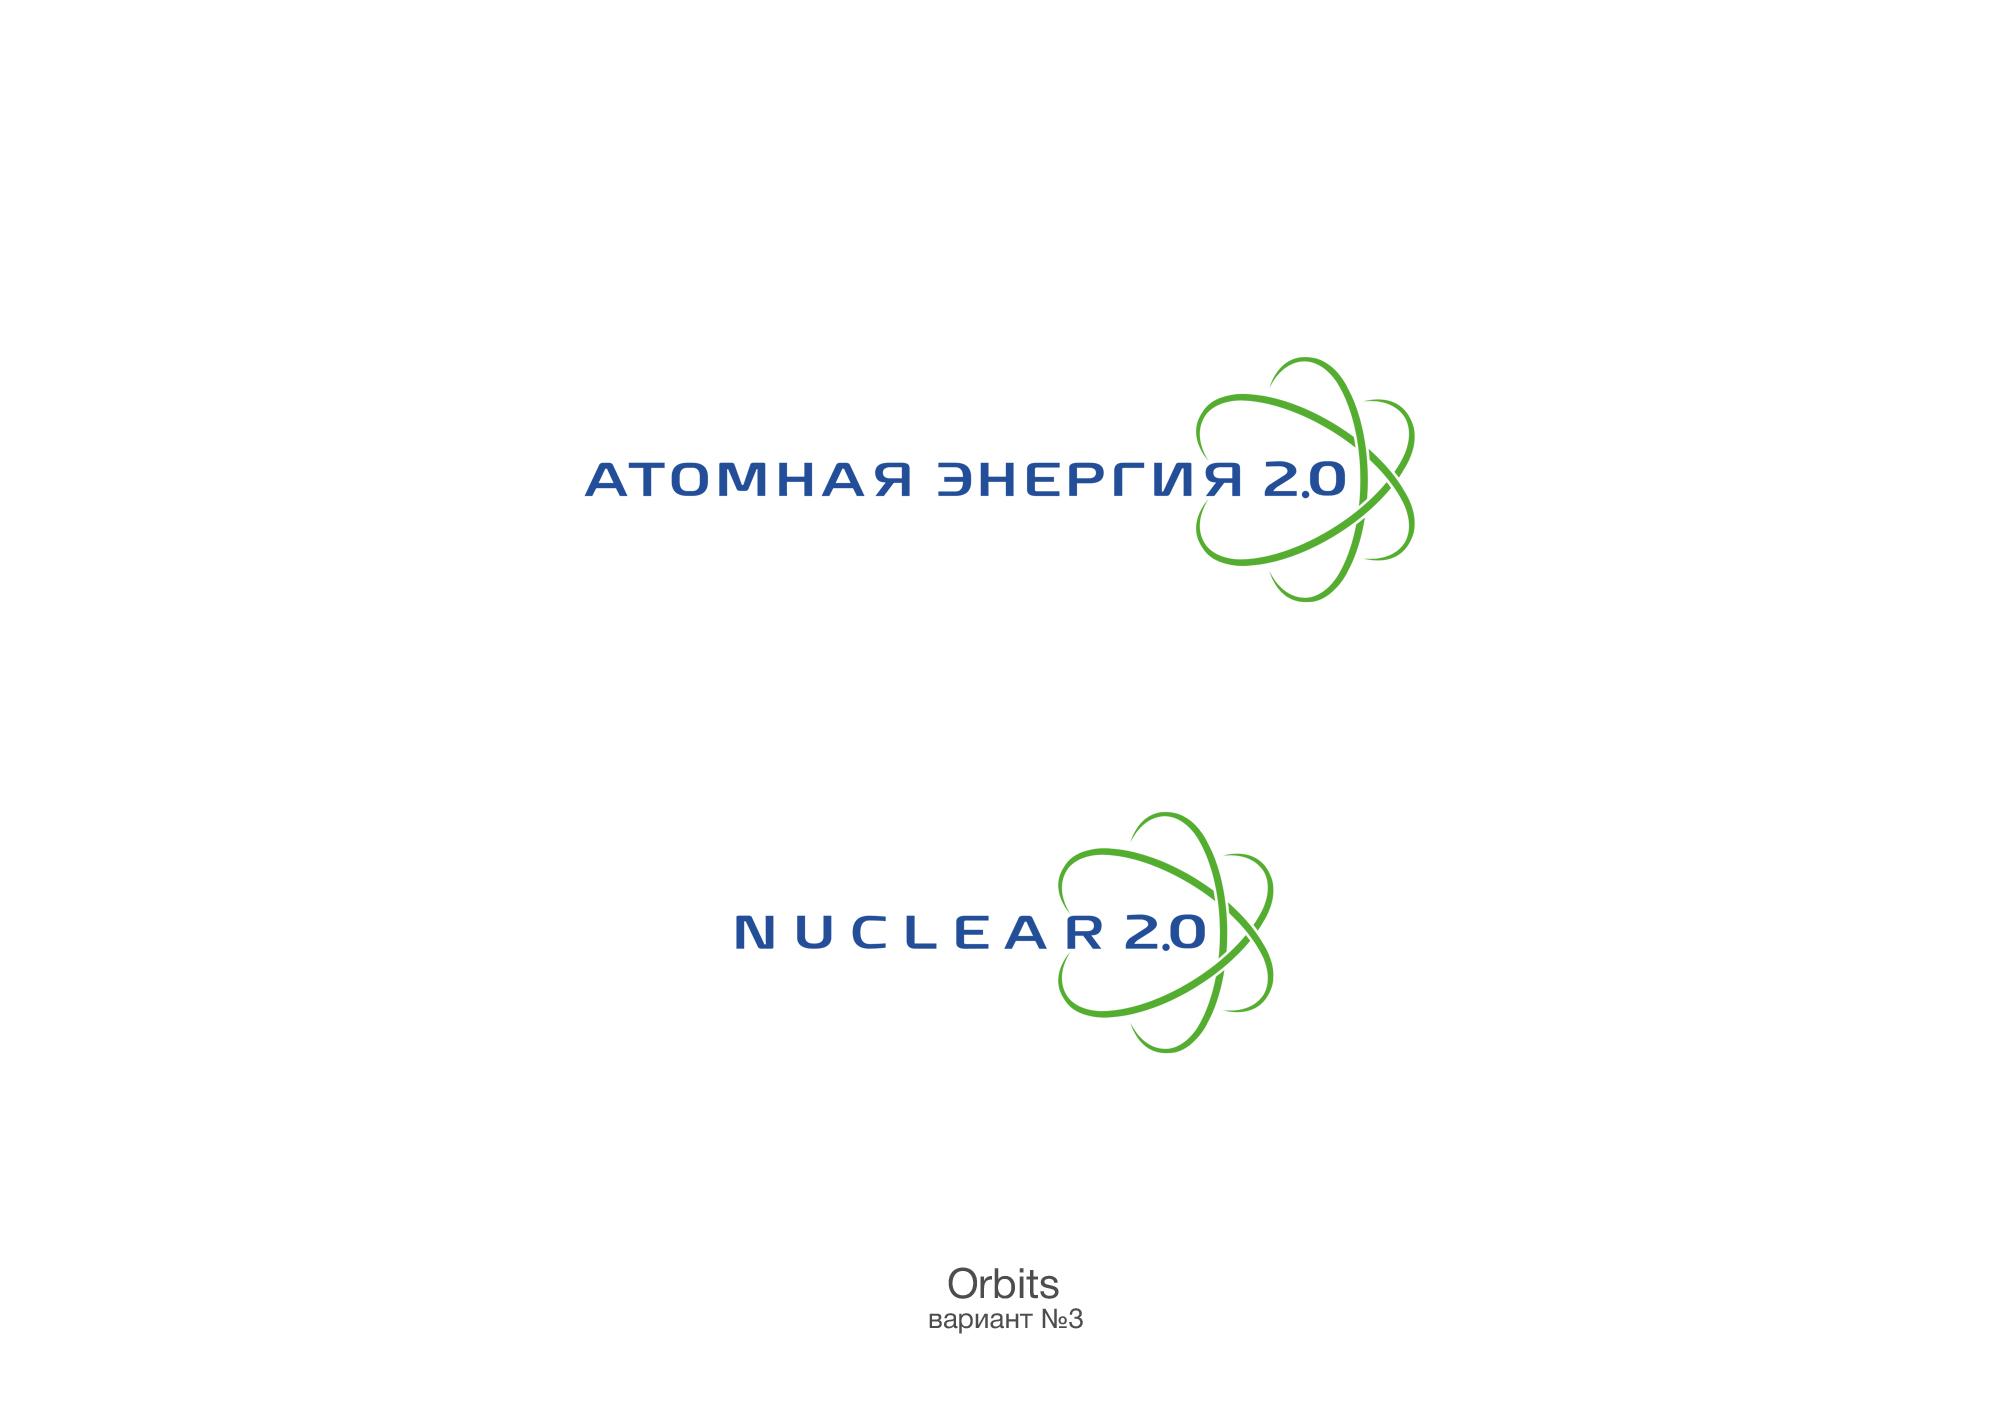 """Фирменный стиль для научного портала """"Атомная энергия 2.0"""" фото f_91959fe3b39c64ae.jpg"""